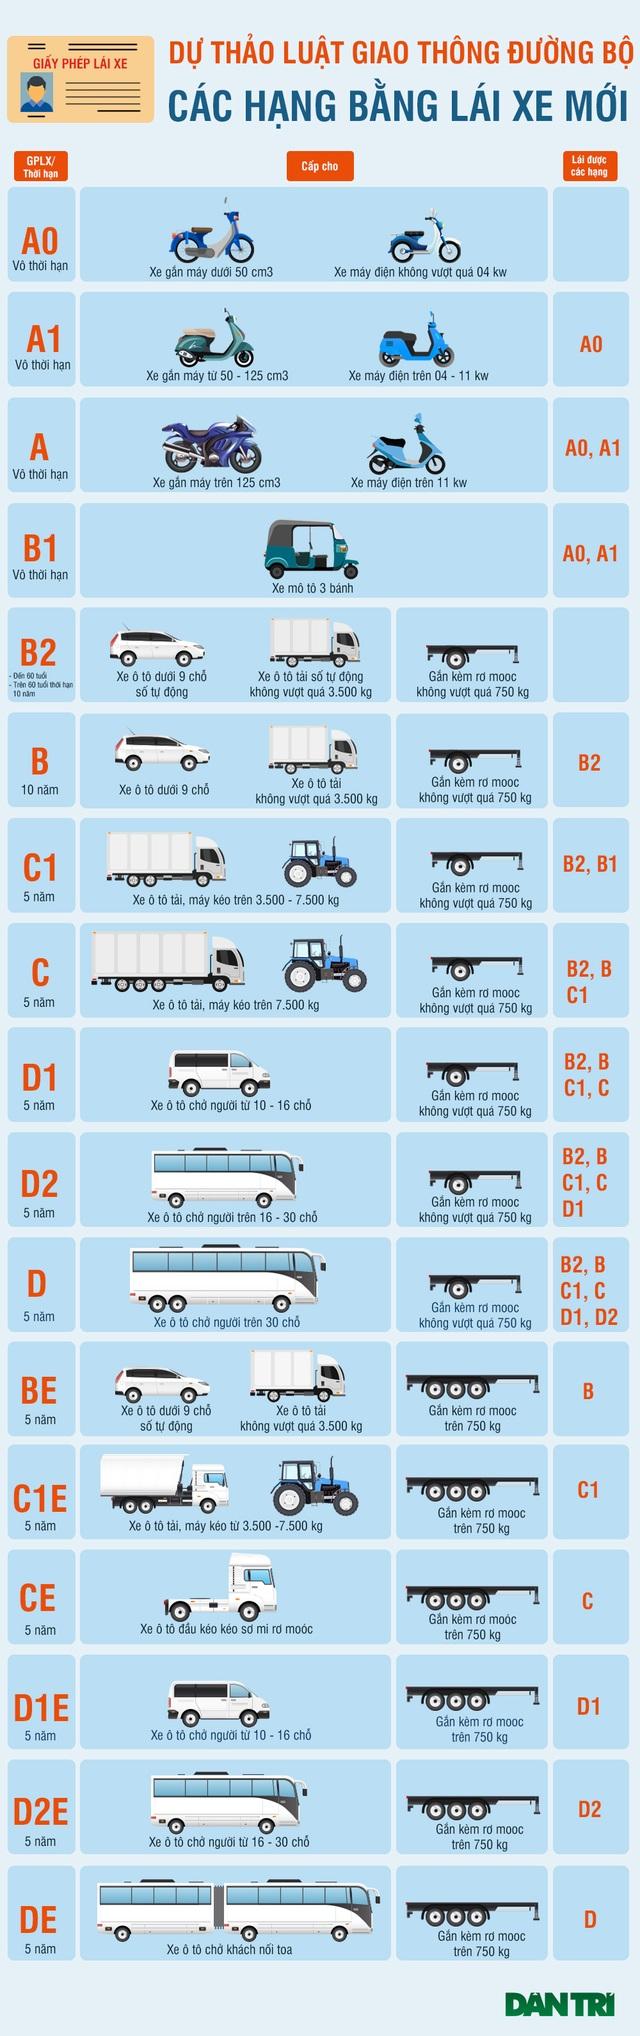 Phân hạng bằng lái xe mới theo Dự thảo Luật Giao thông đường bộ sửa đổi - 1